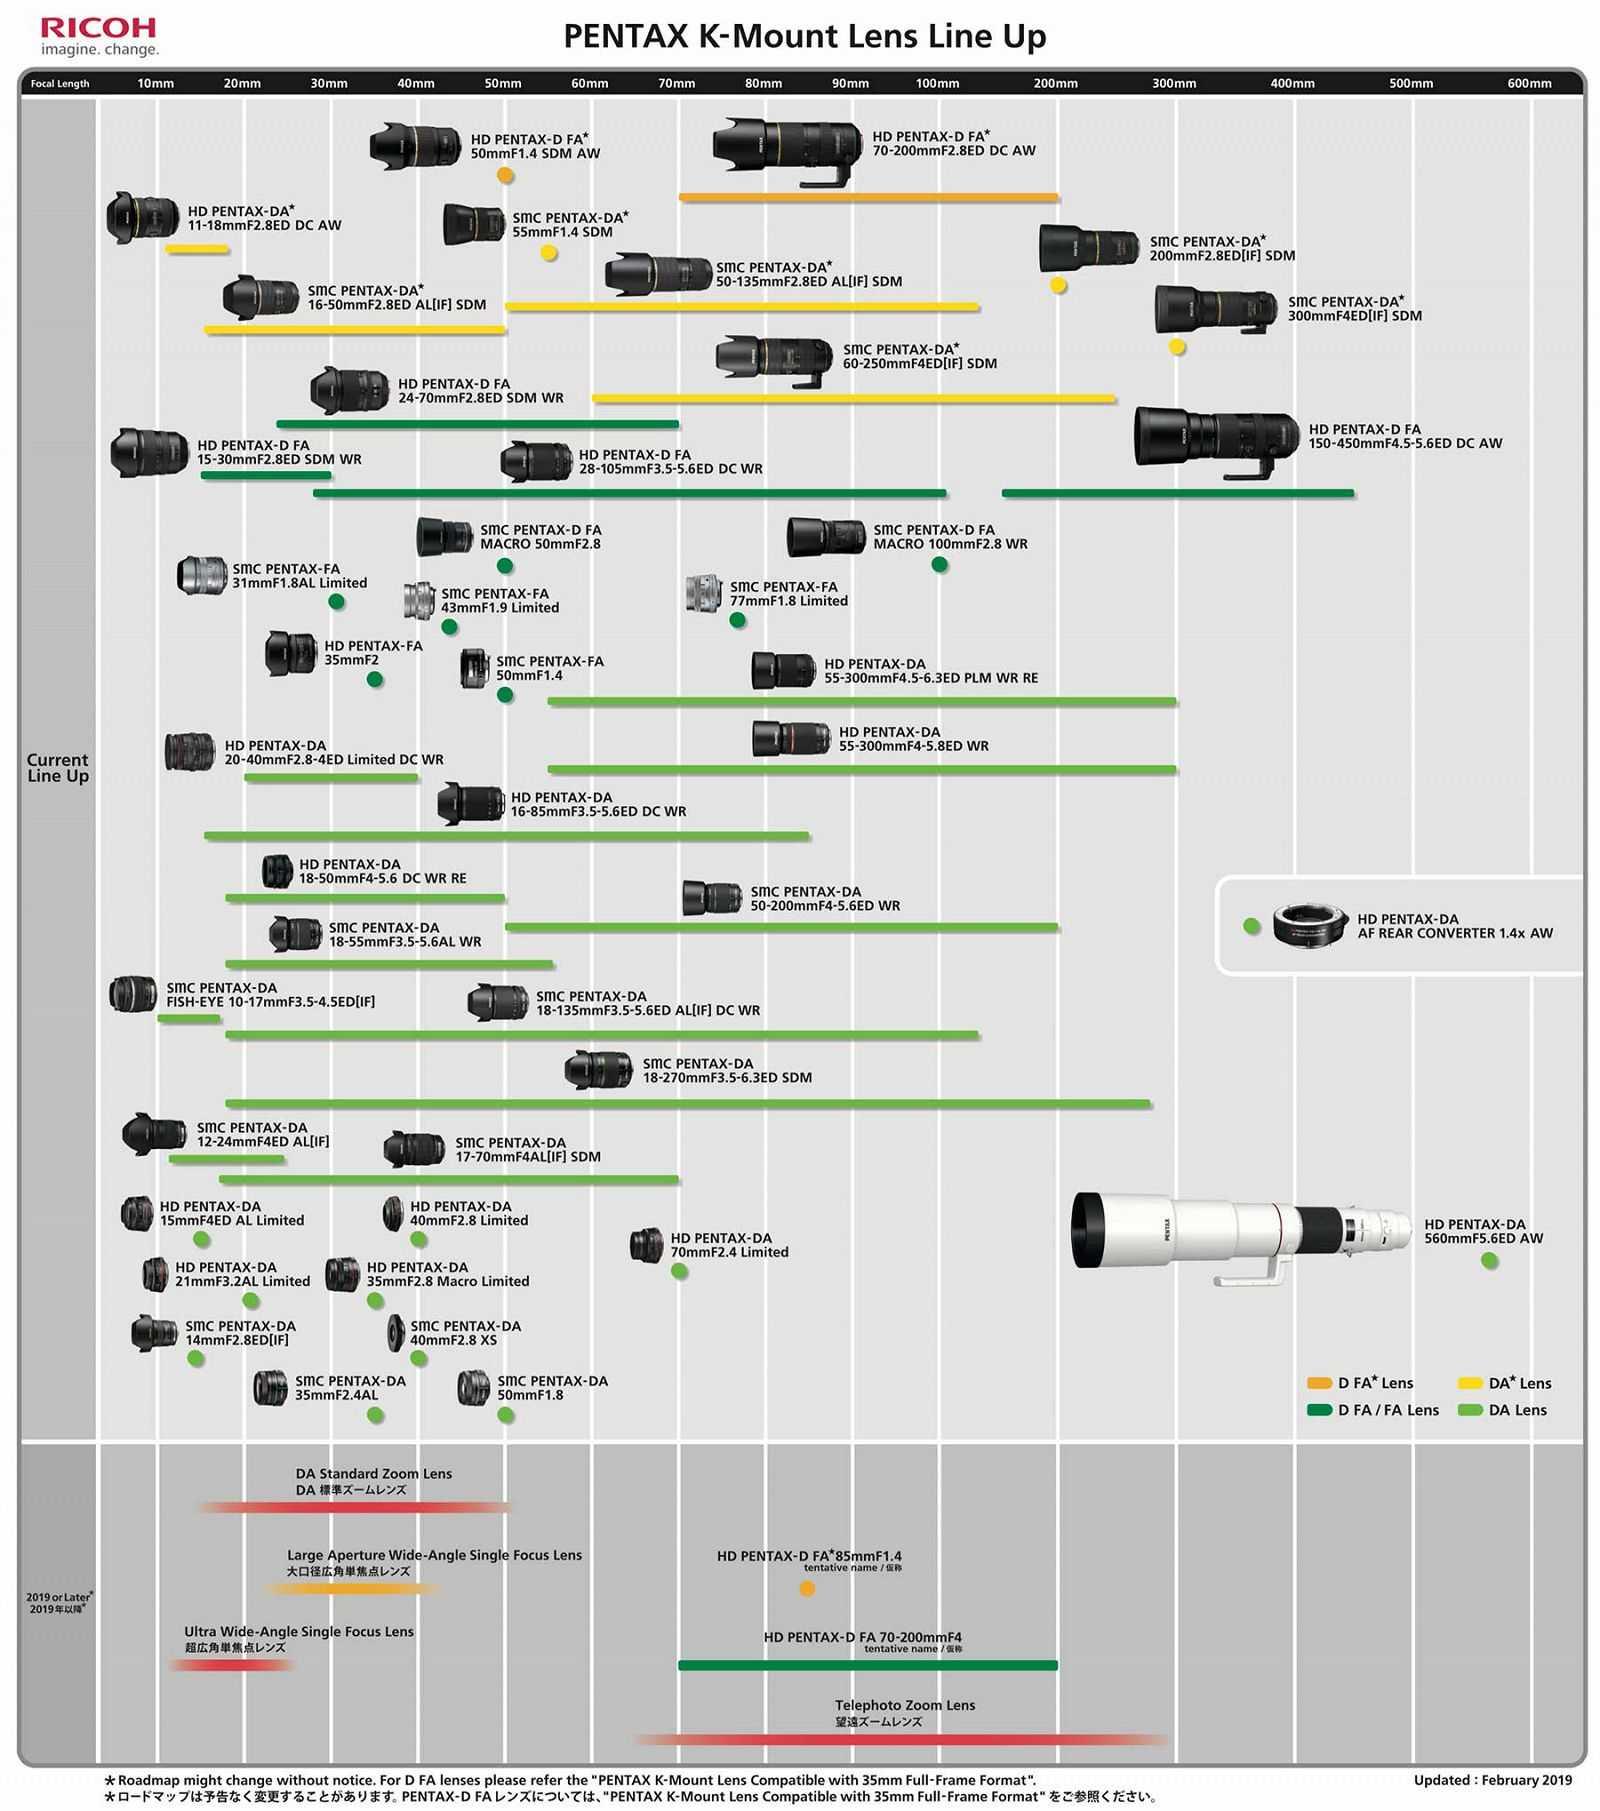 Возможности камеры в iphone 11 и iphone 11 pro, которых нет (или работают иначе) в других айфонах   новости apple. все о mac, iphone, ipad, ios, macos и apple tv